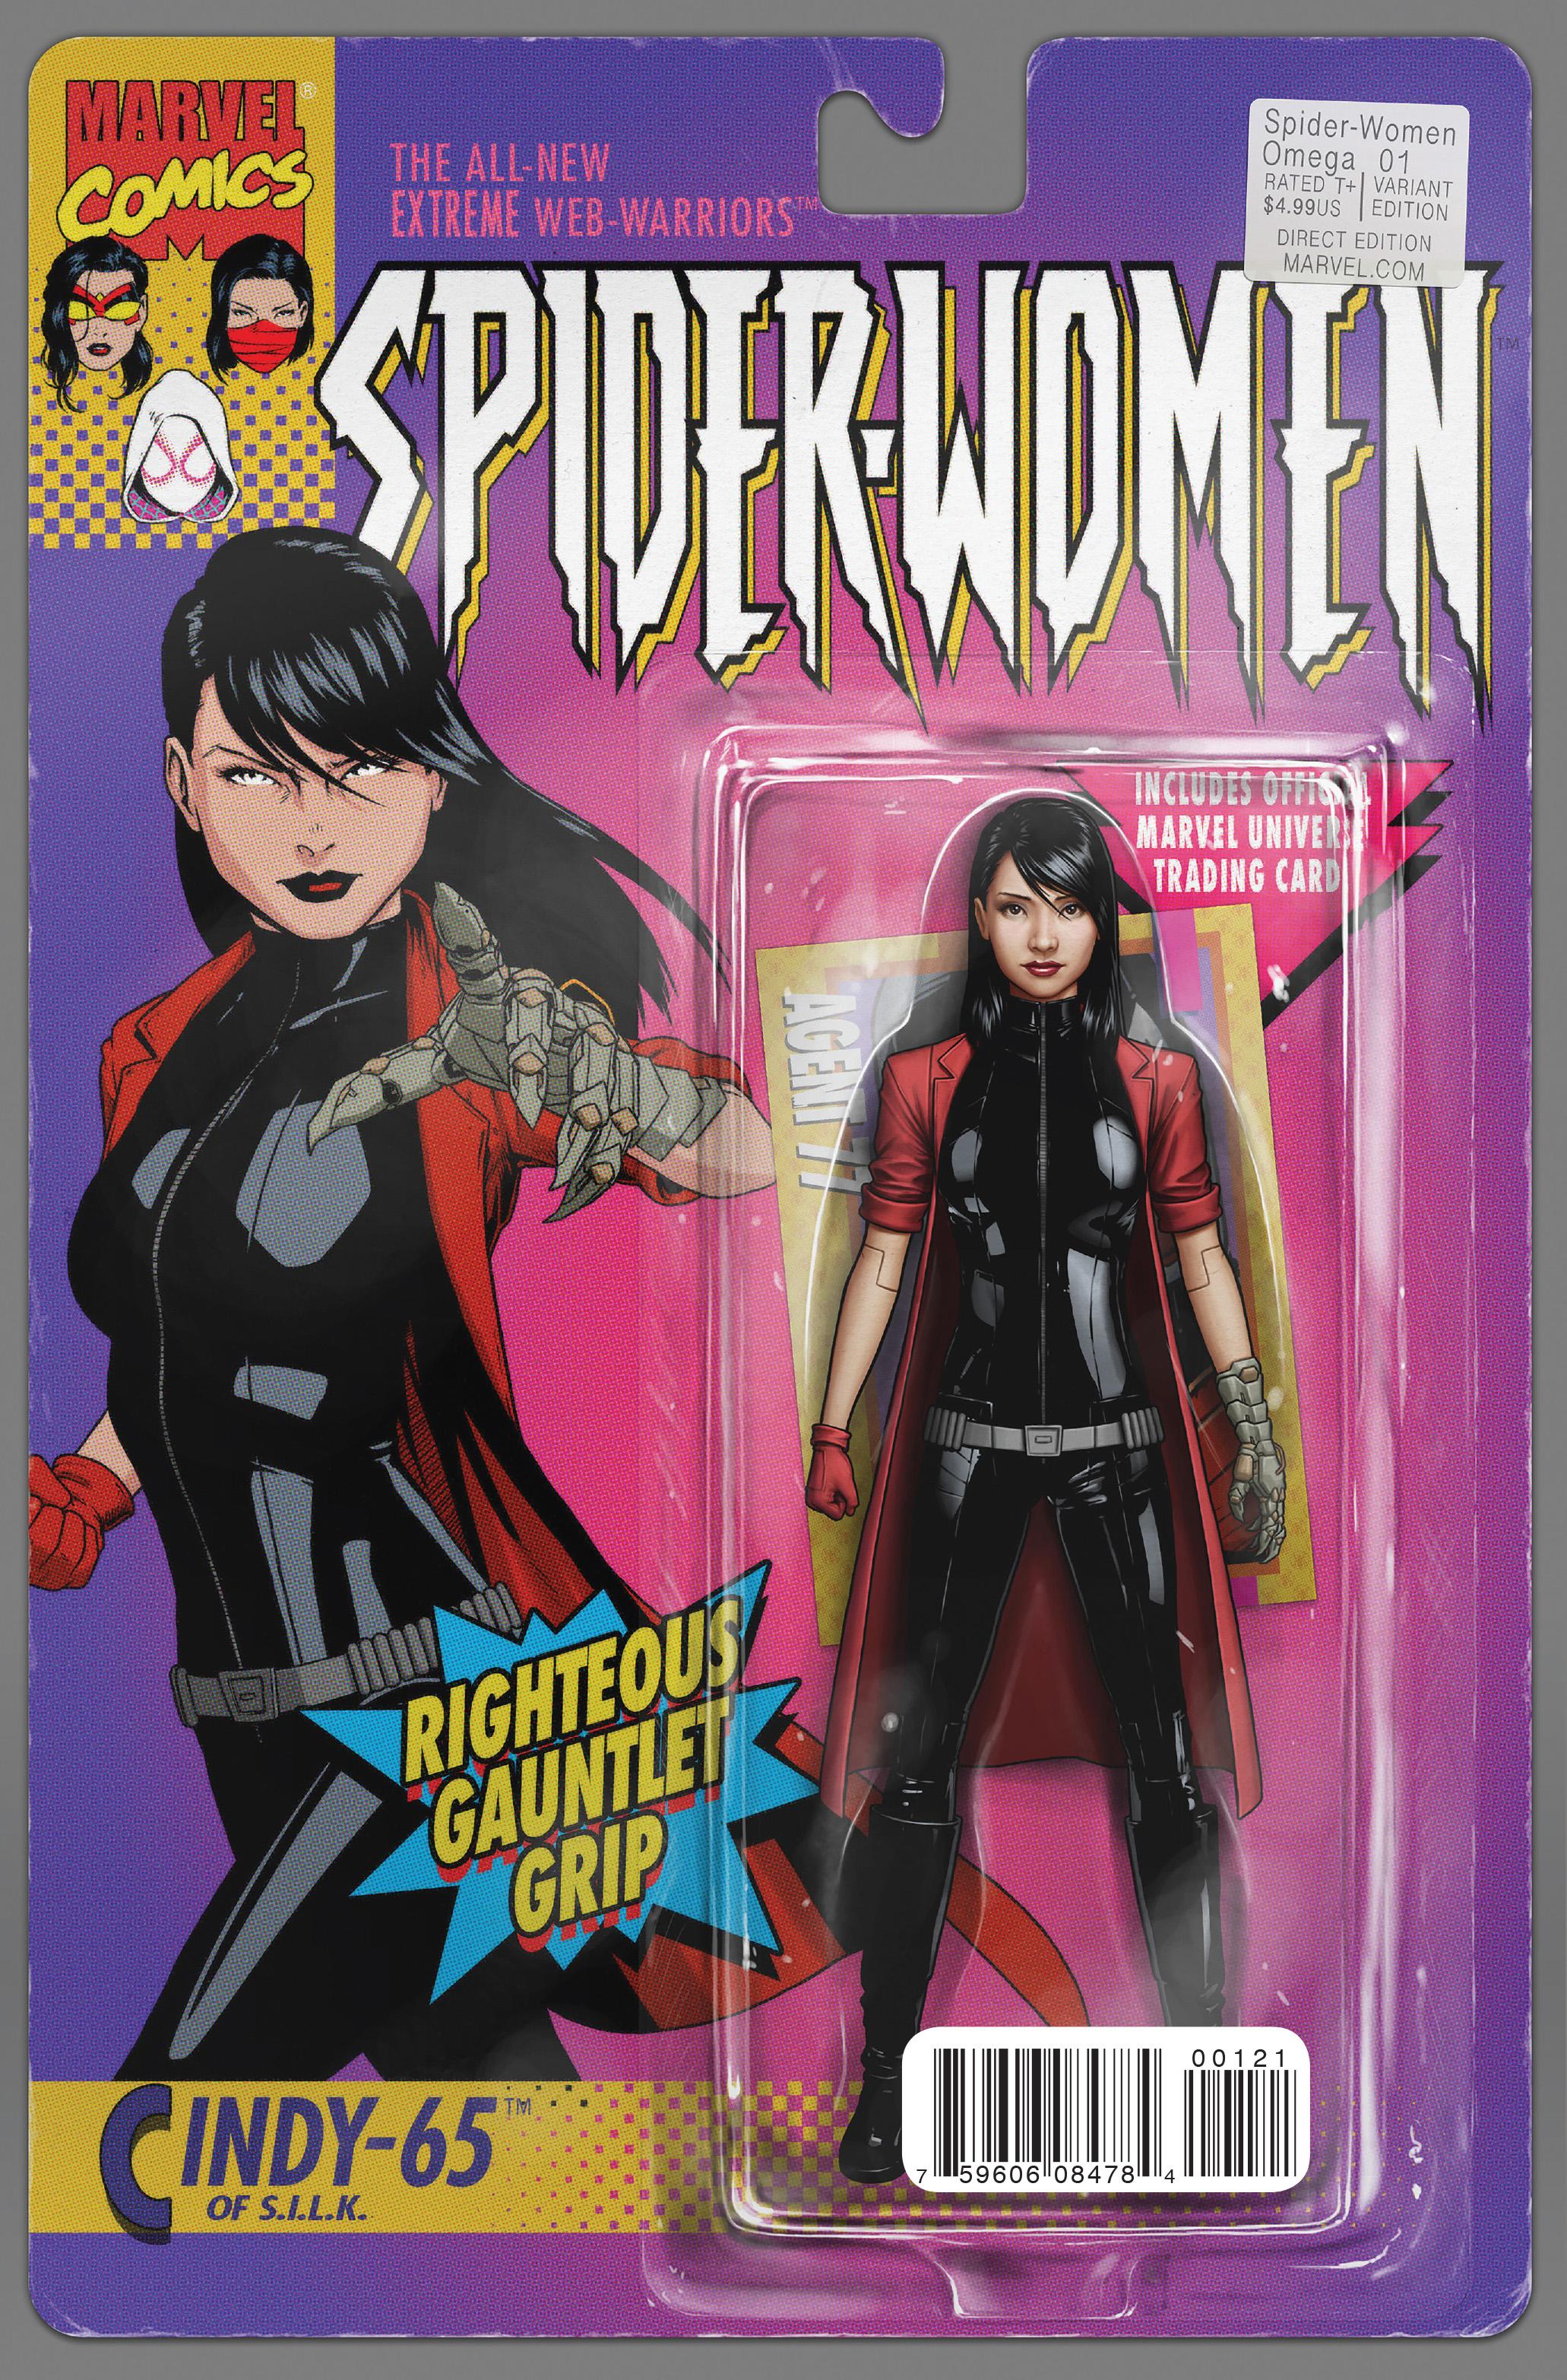 Read online Spider-Women Omega comic -  Issue # Full - 2